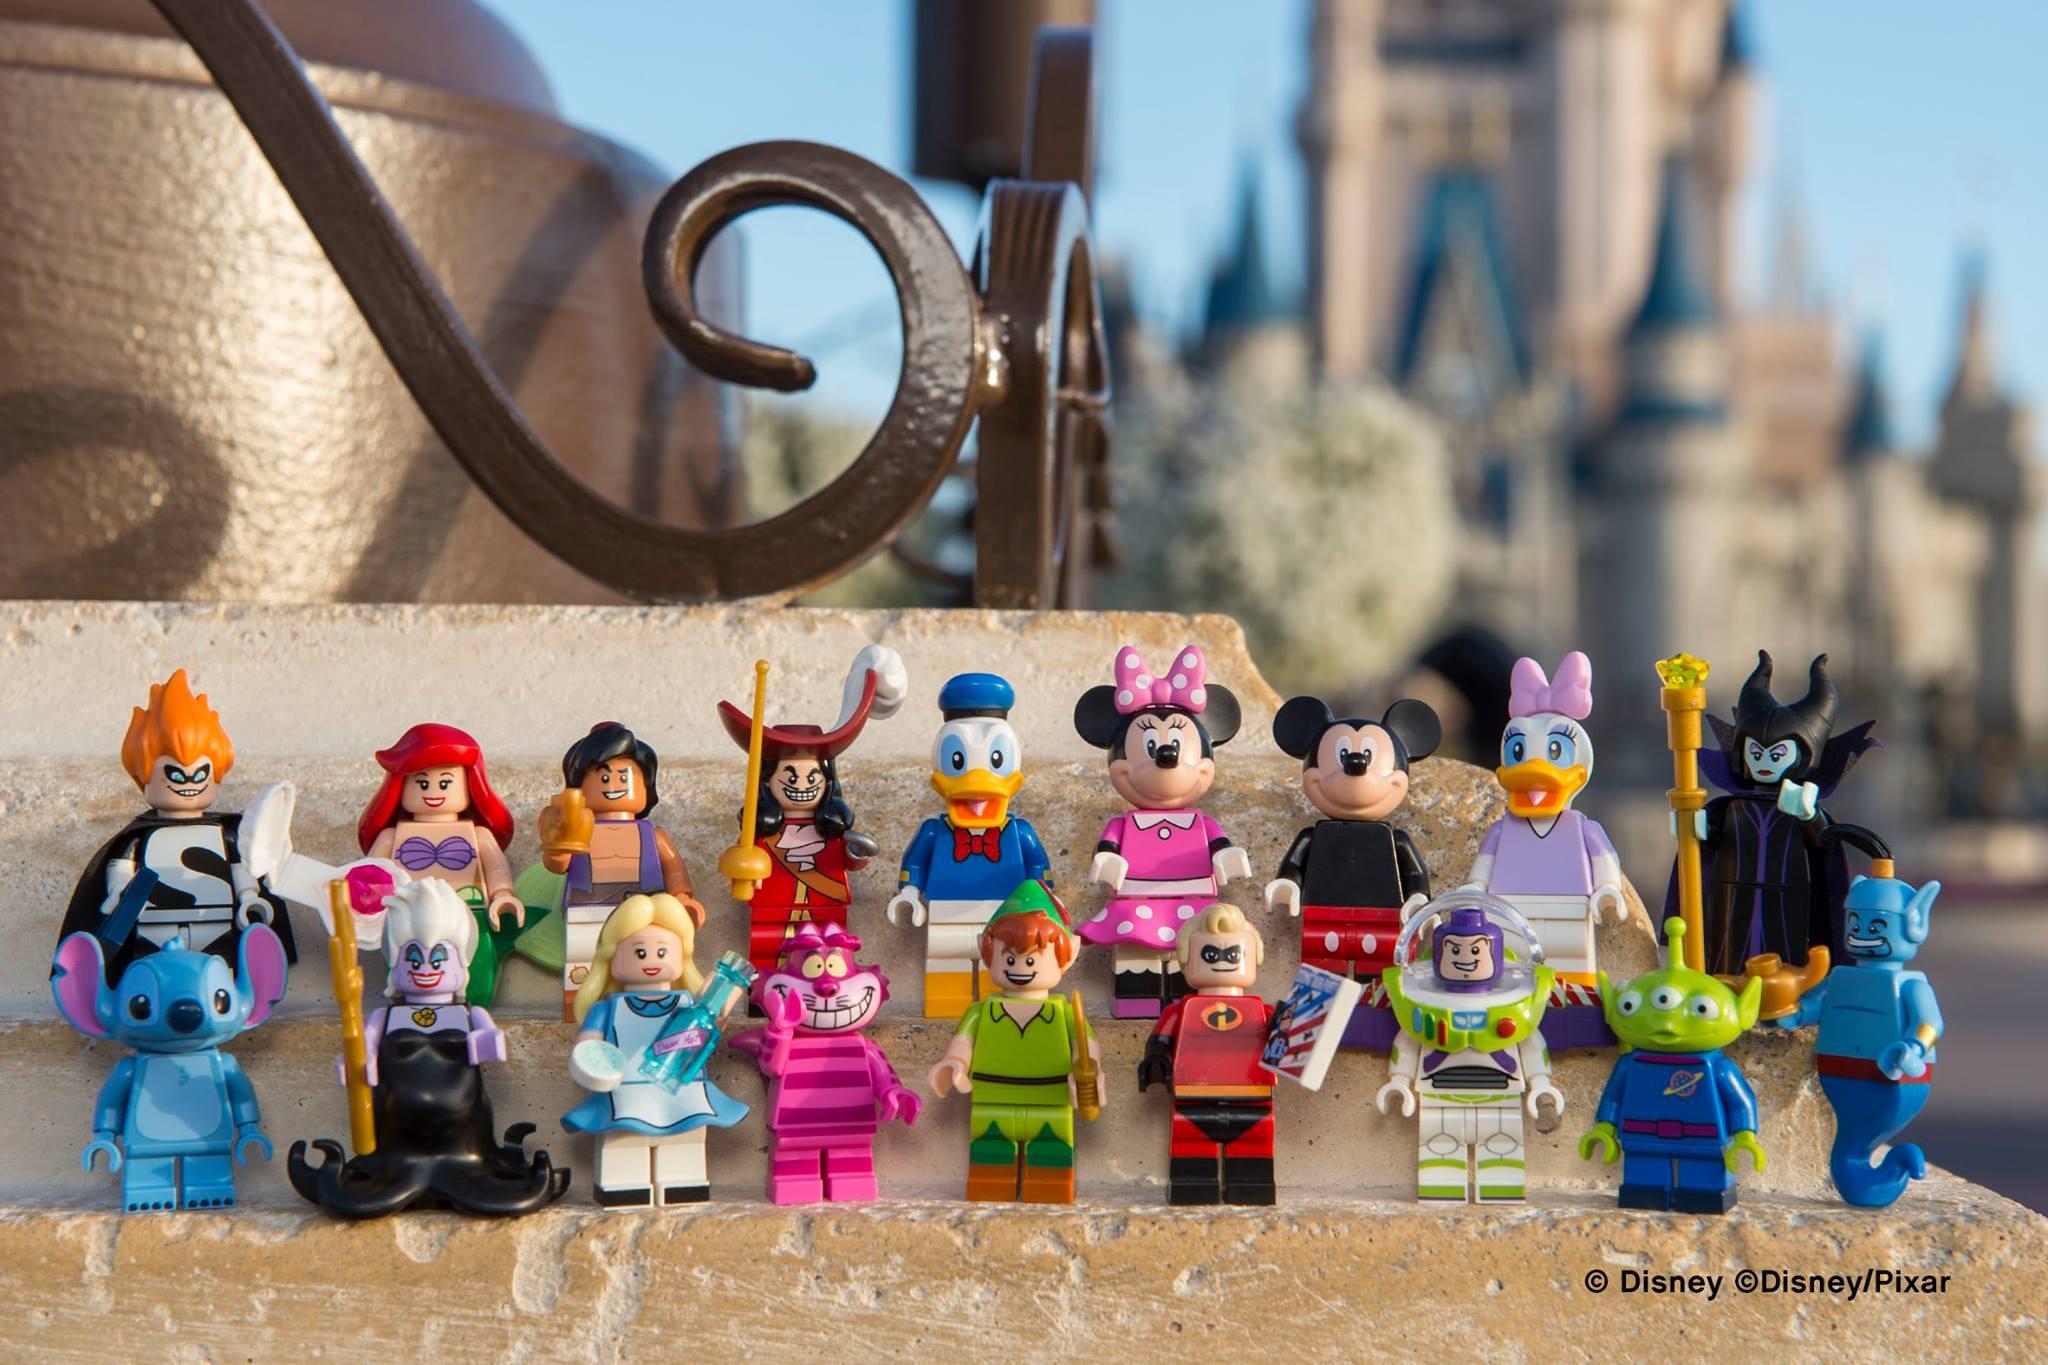 Fotos: Disney, Disney/Pixar.